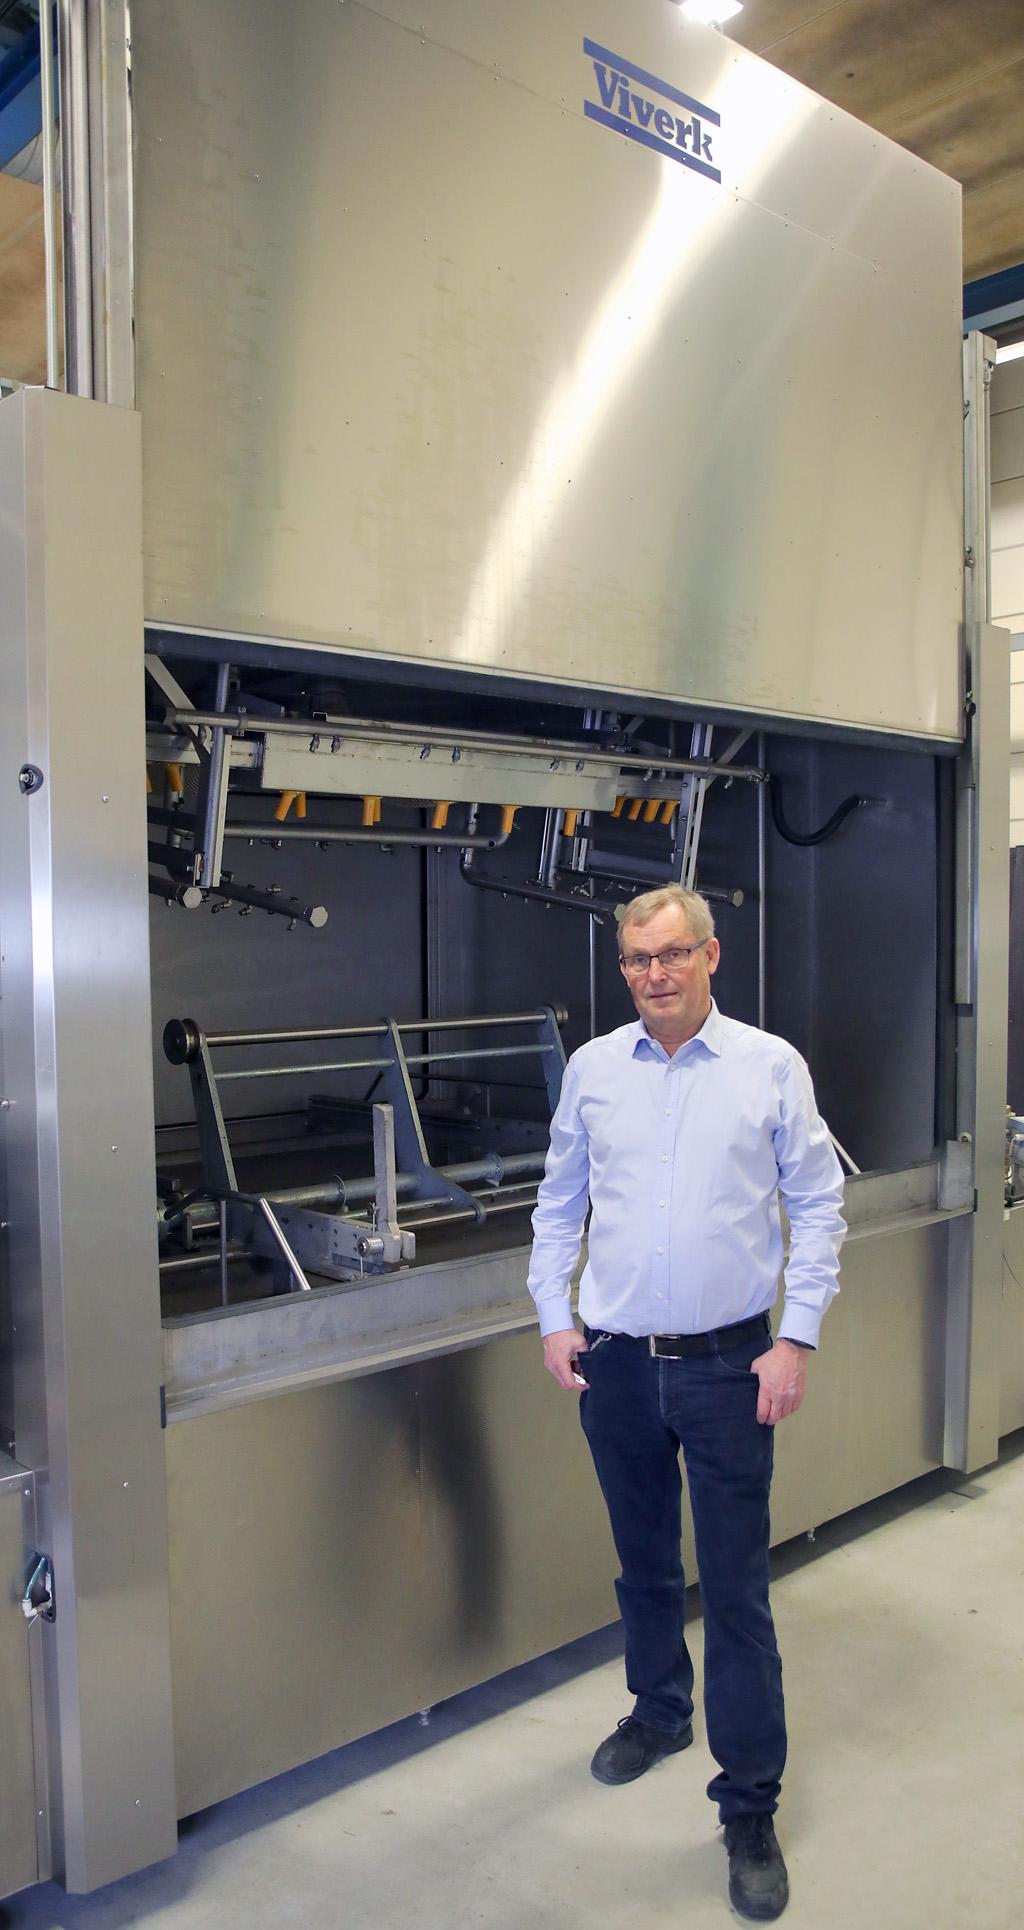 Erik Conradsson framför en tåghjulstvätt som Viverk tillverkat till kund.